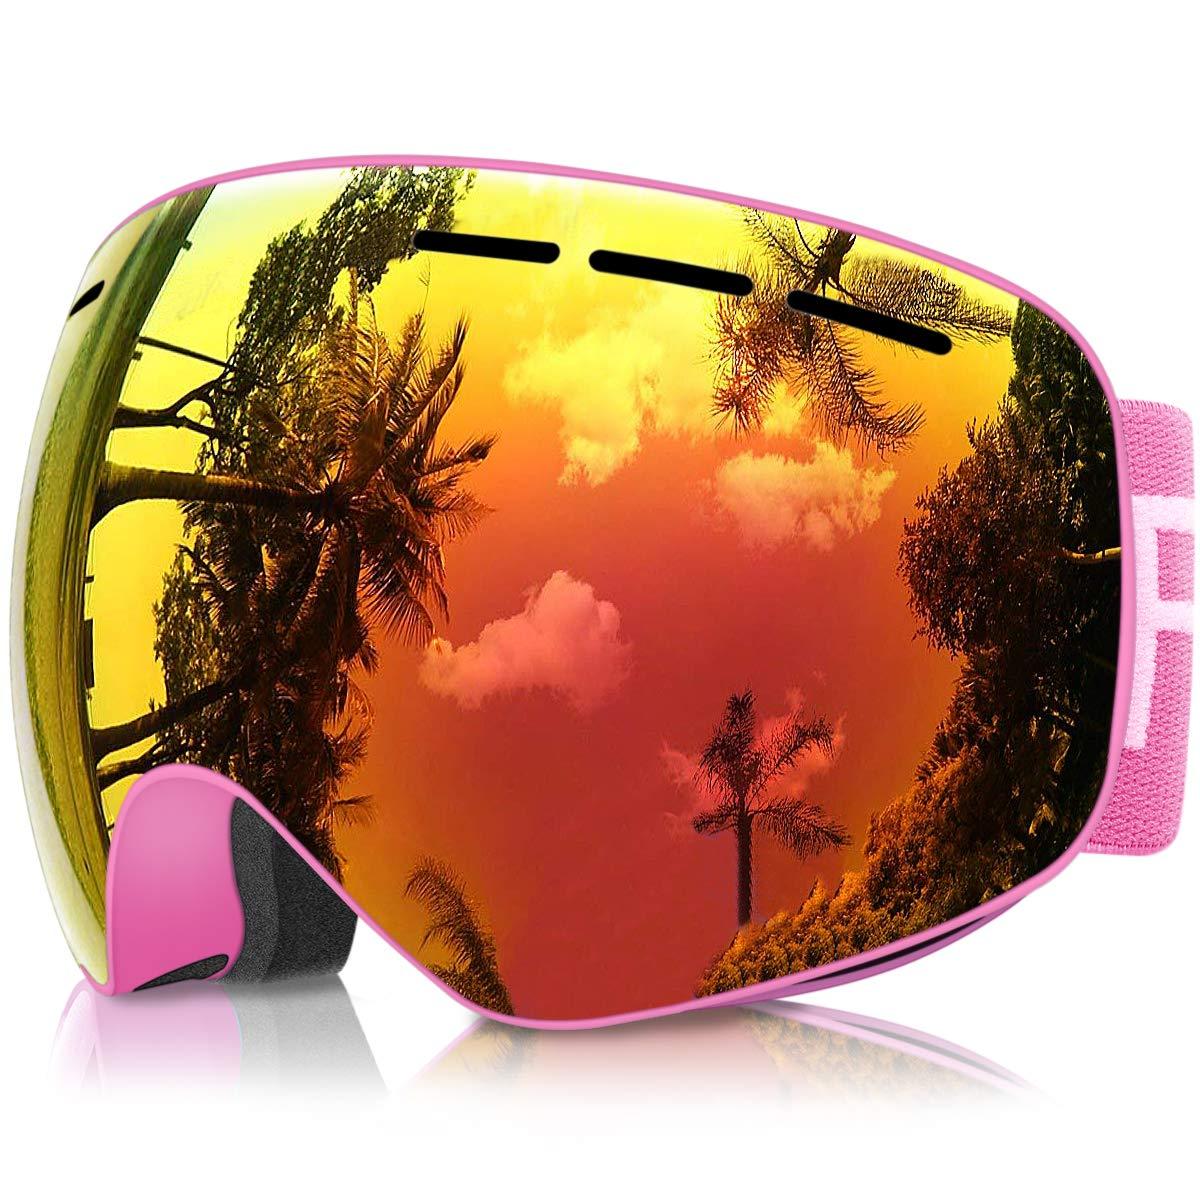 Gafas de Esquí Niños, eDriveTech Máscara Gafas Esqui Snowboard Nieve Espejo para Niño Niña Júnior Chicos Chicas 3 4 5 6 7 8 9 10 11 12 13 14 15 Años Anti Niebla Gafas de Esquiar OTG Protección UV product image